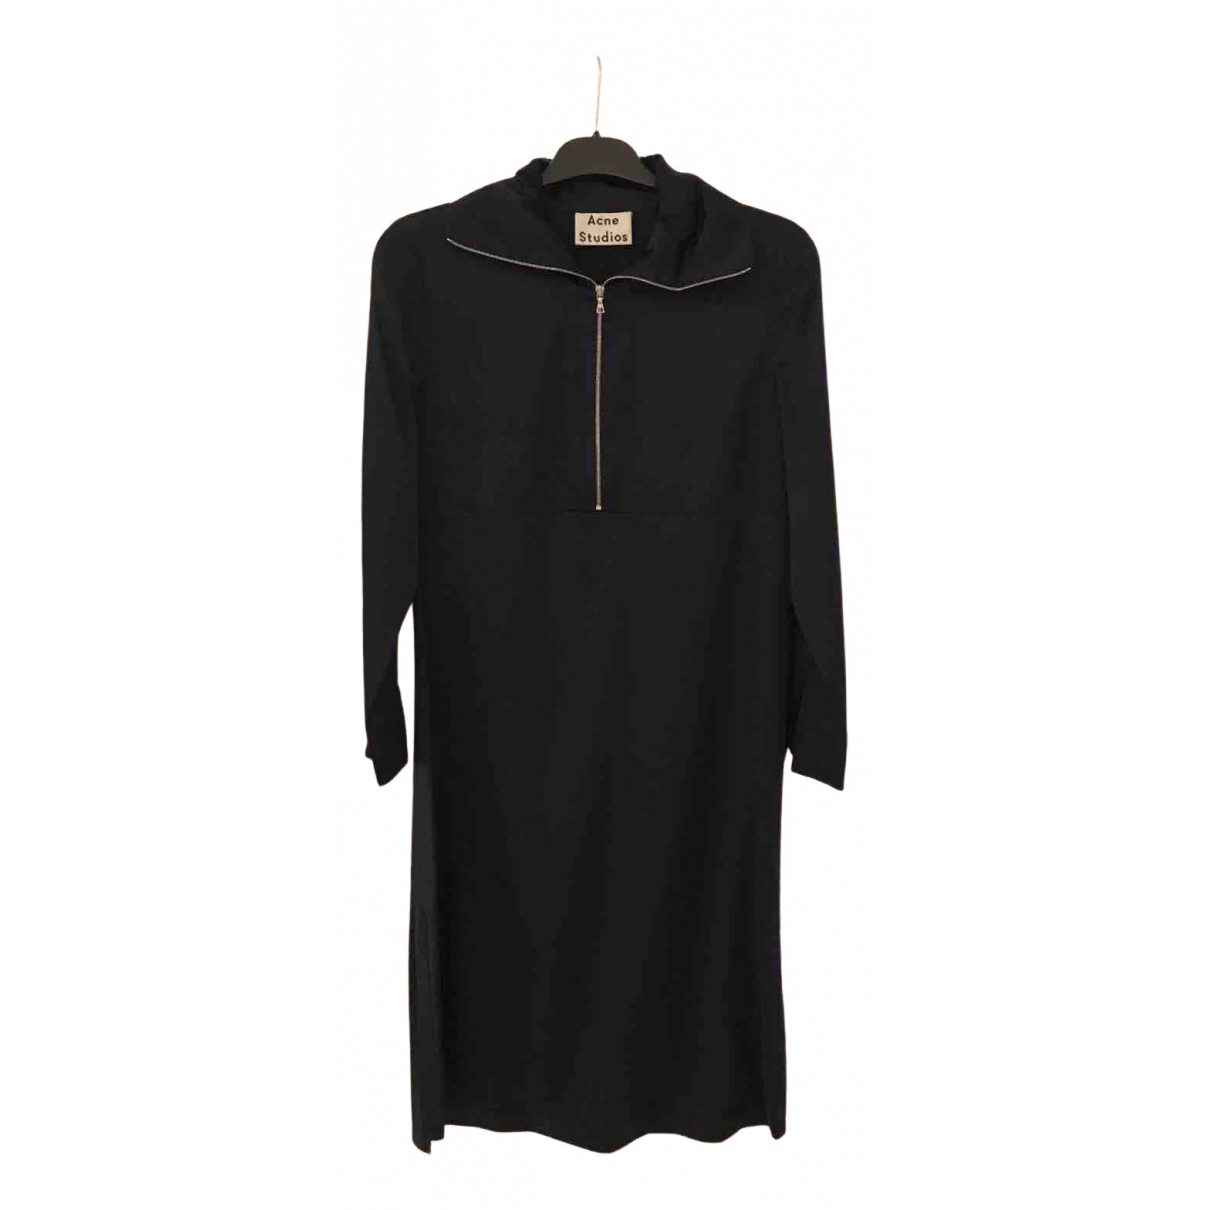 Acne Studios N Navy Silk dress for Women 4 UK